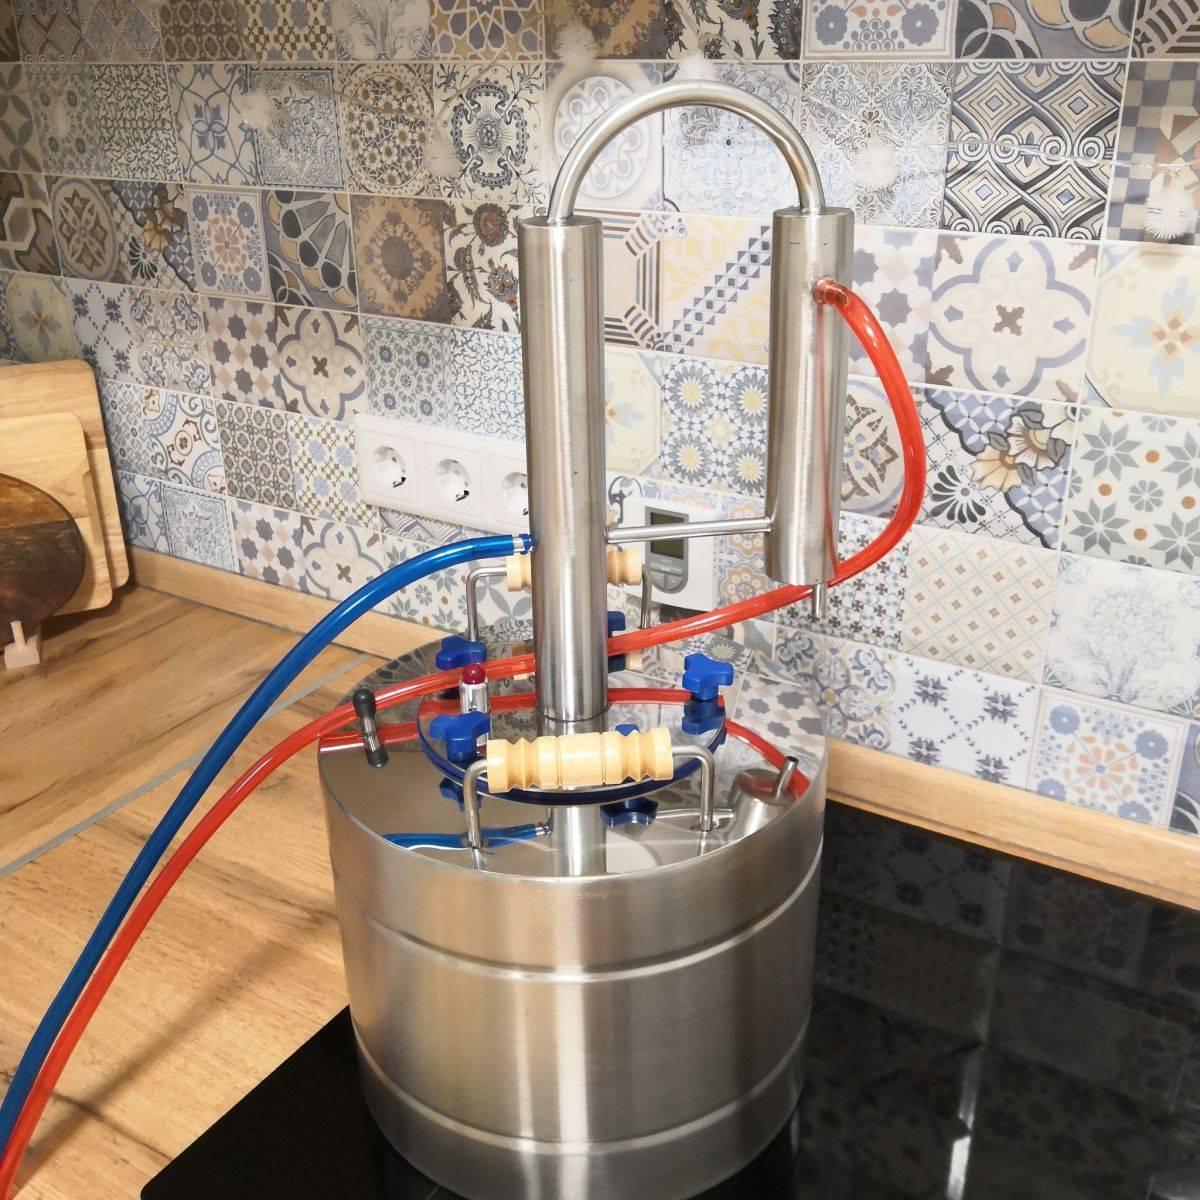 Как выгнать самогон, не имея самогонного аппарата? простые методы и рецепты в домашних условиях